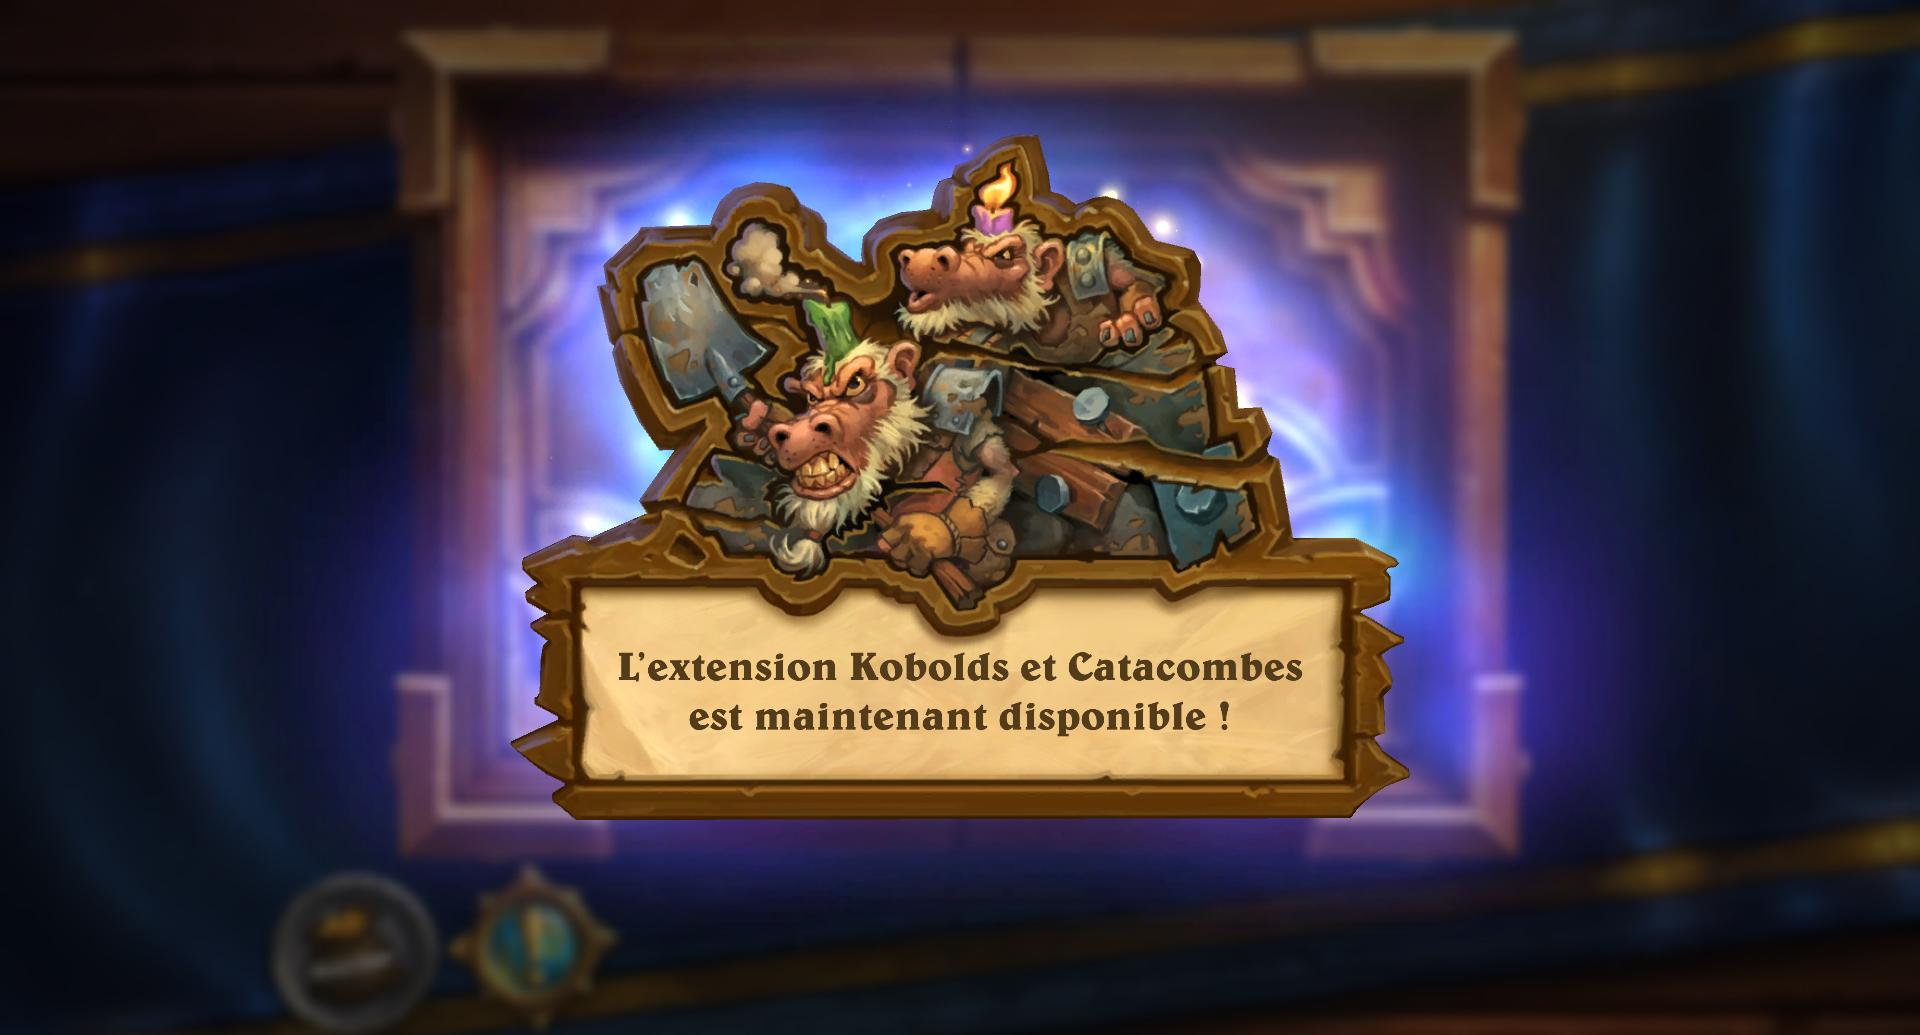 L'extension Kobolds et Catacombes est disponible depuis ce jeudi 7 décembre à 19h00 !